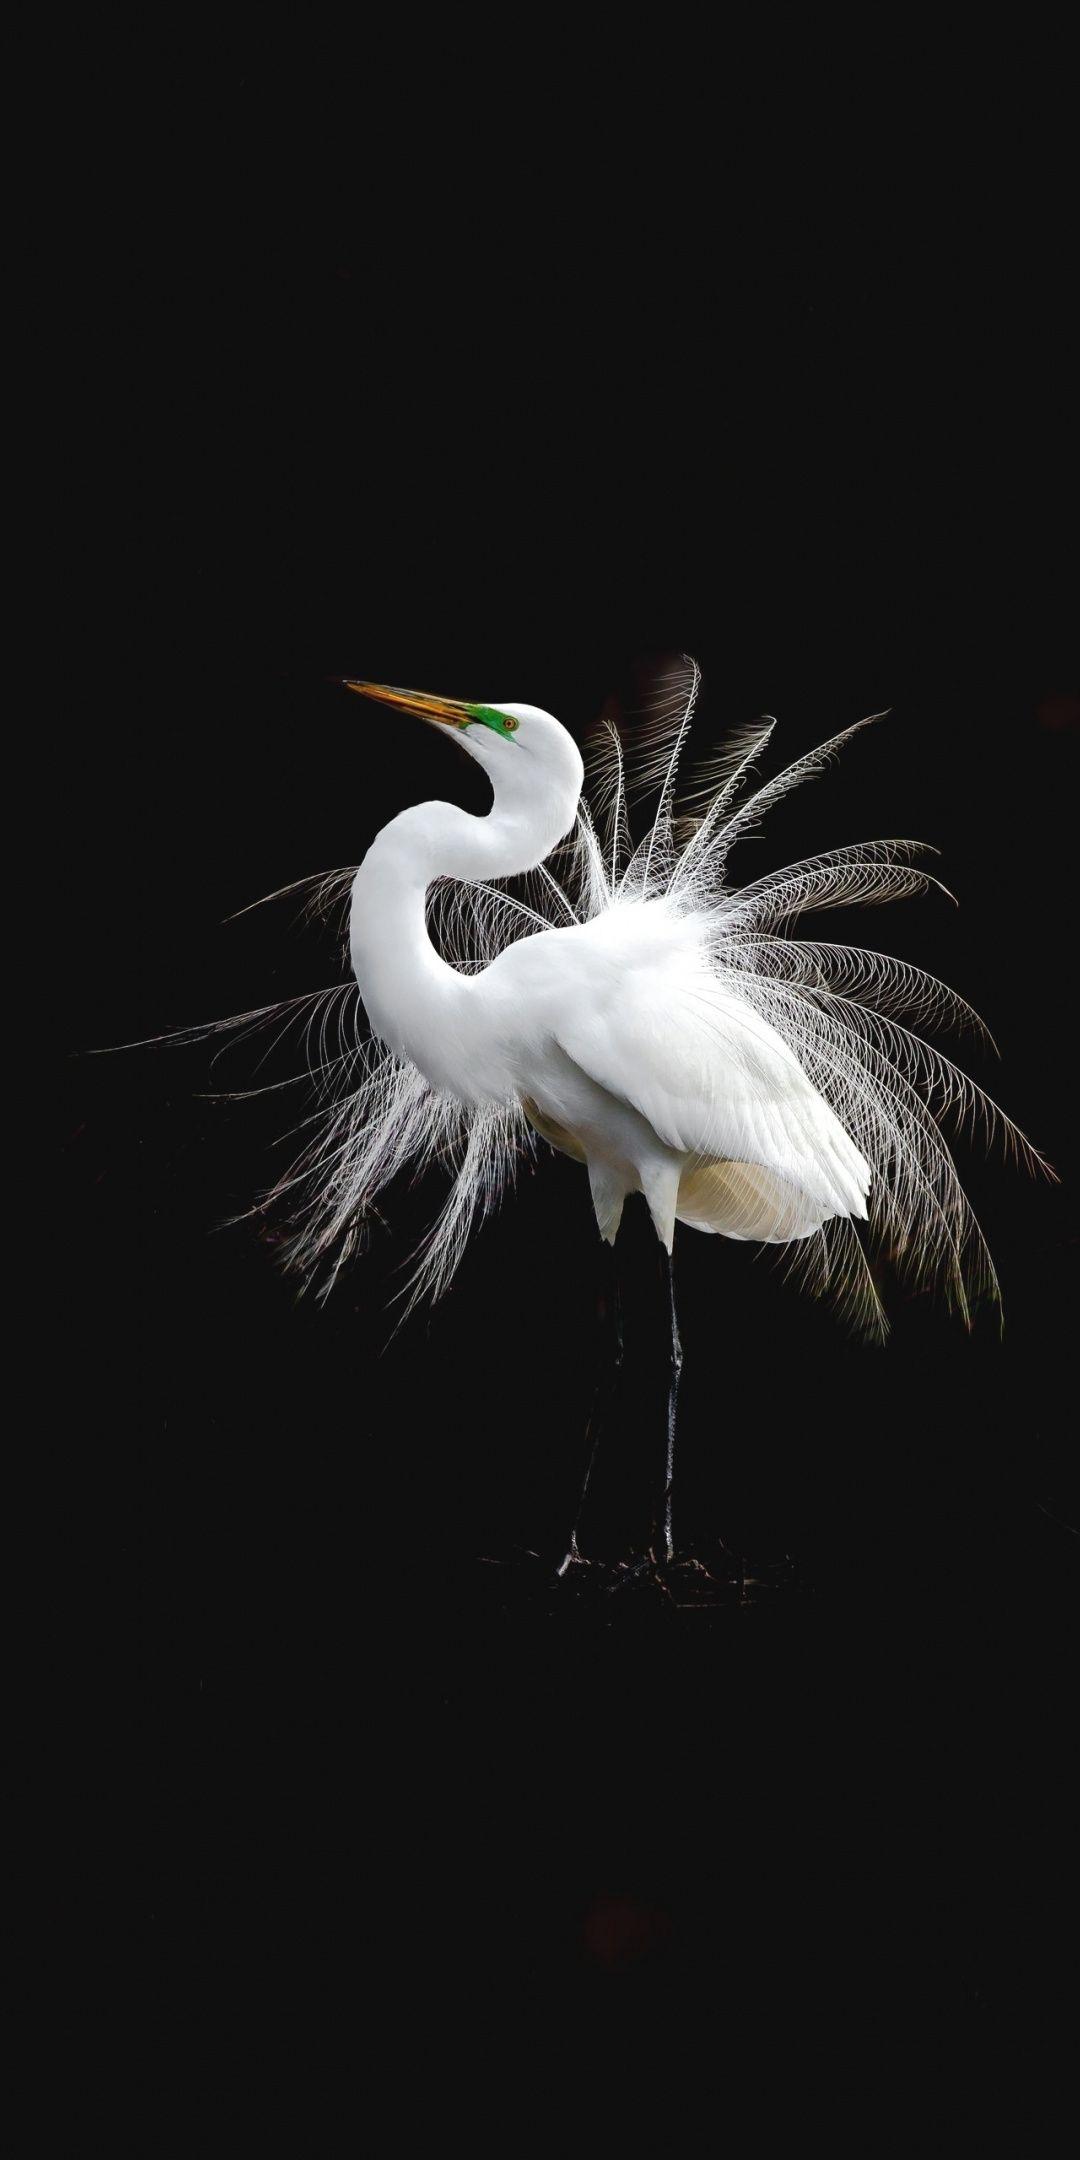 White Bird Egret Portrait 1080x2160 Wallpaper